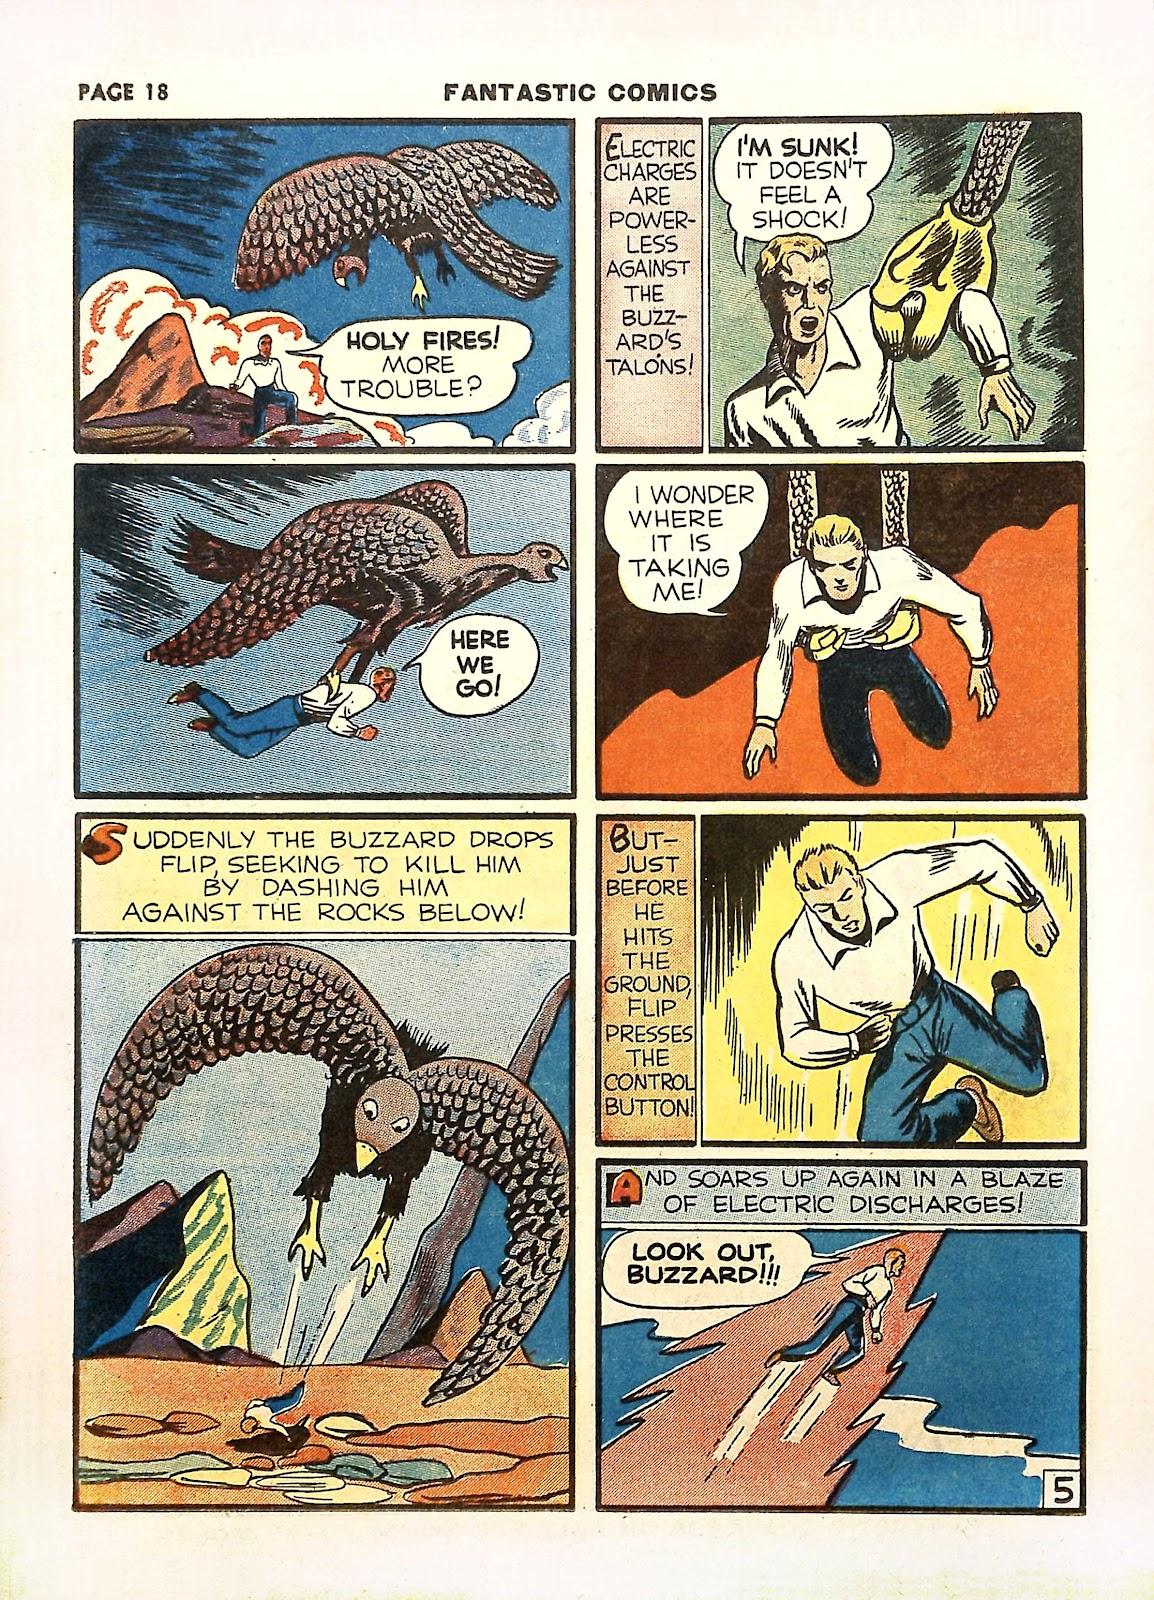 Read online Fantastic Comics comic -  Issue #11 - 21